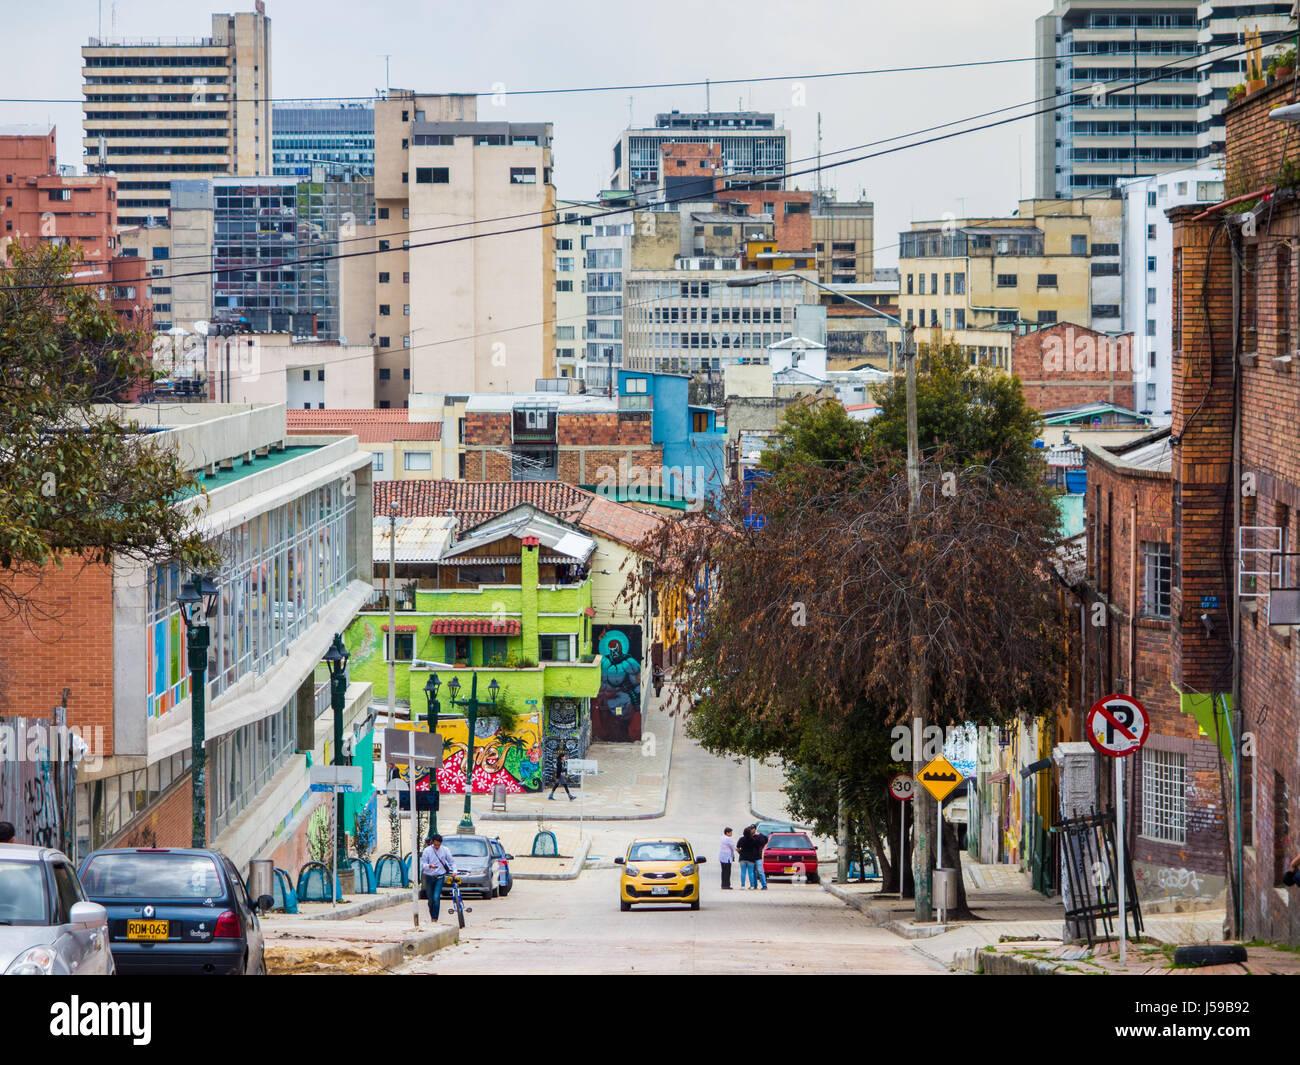 Disques durs un taxi jusqu'à la colline de La Candelaria, Bogota, Colombie Photo Stock